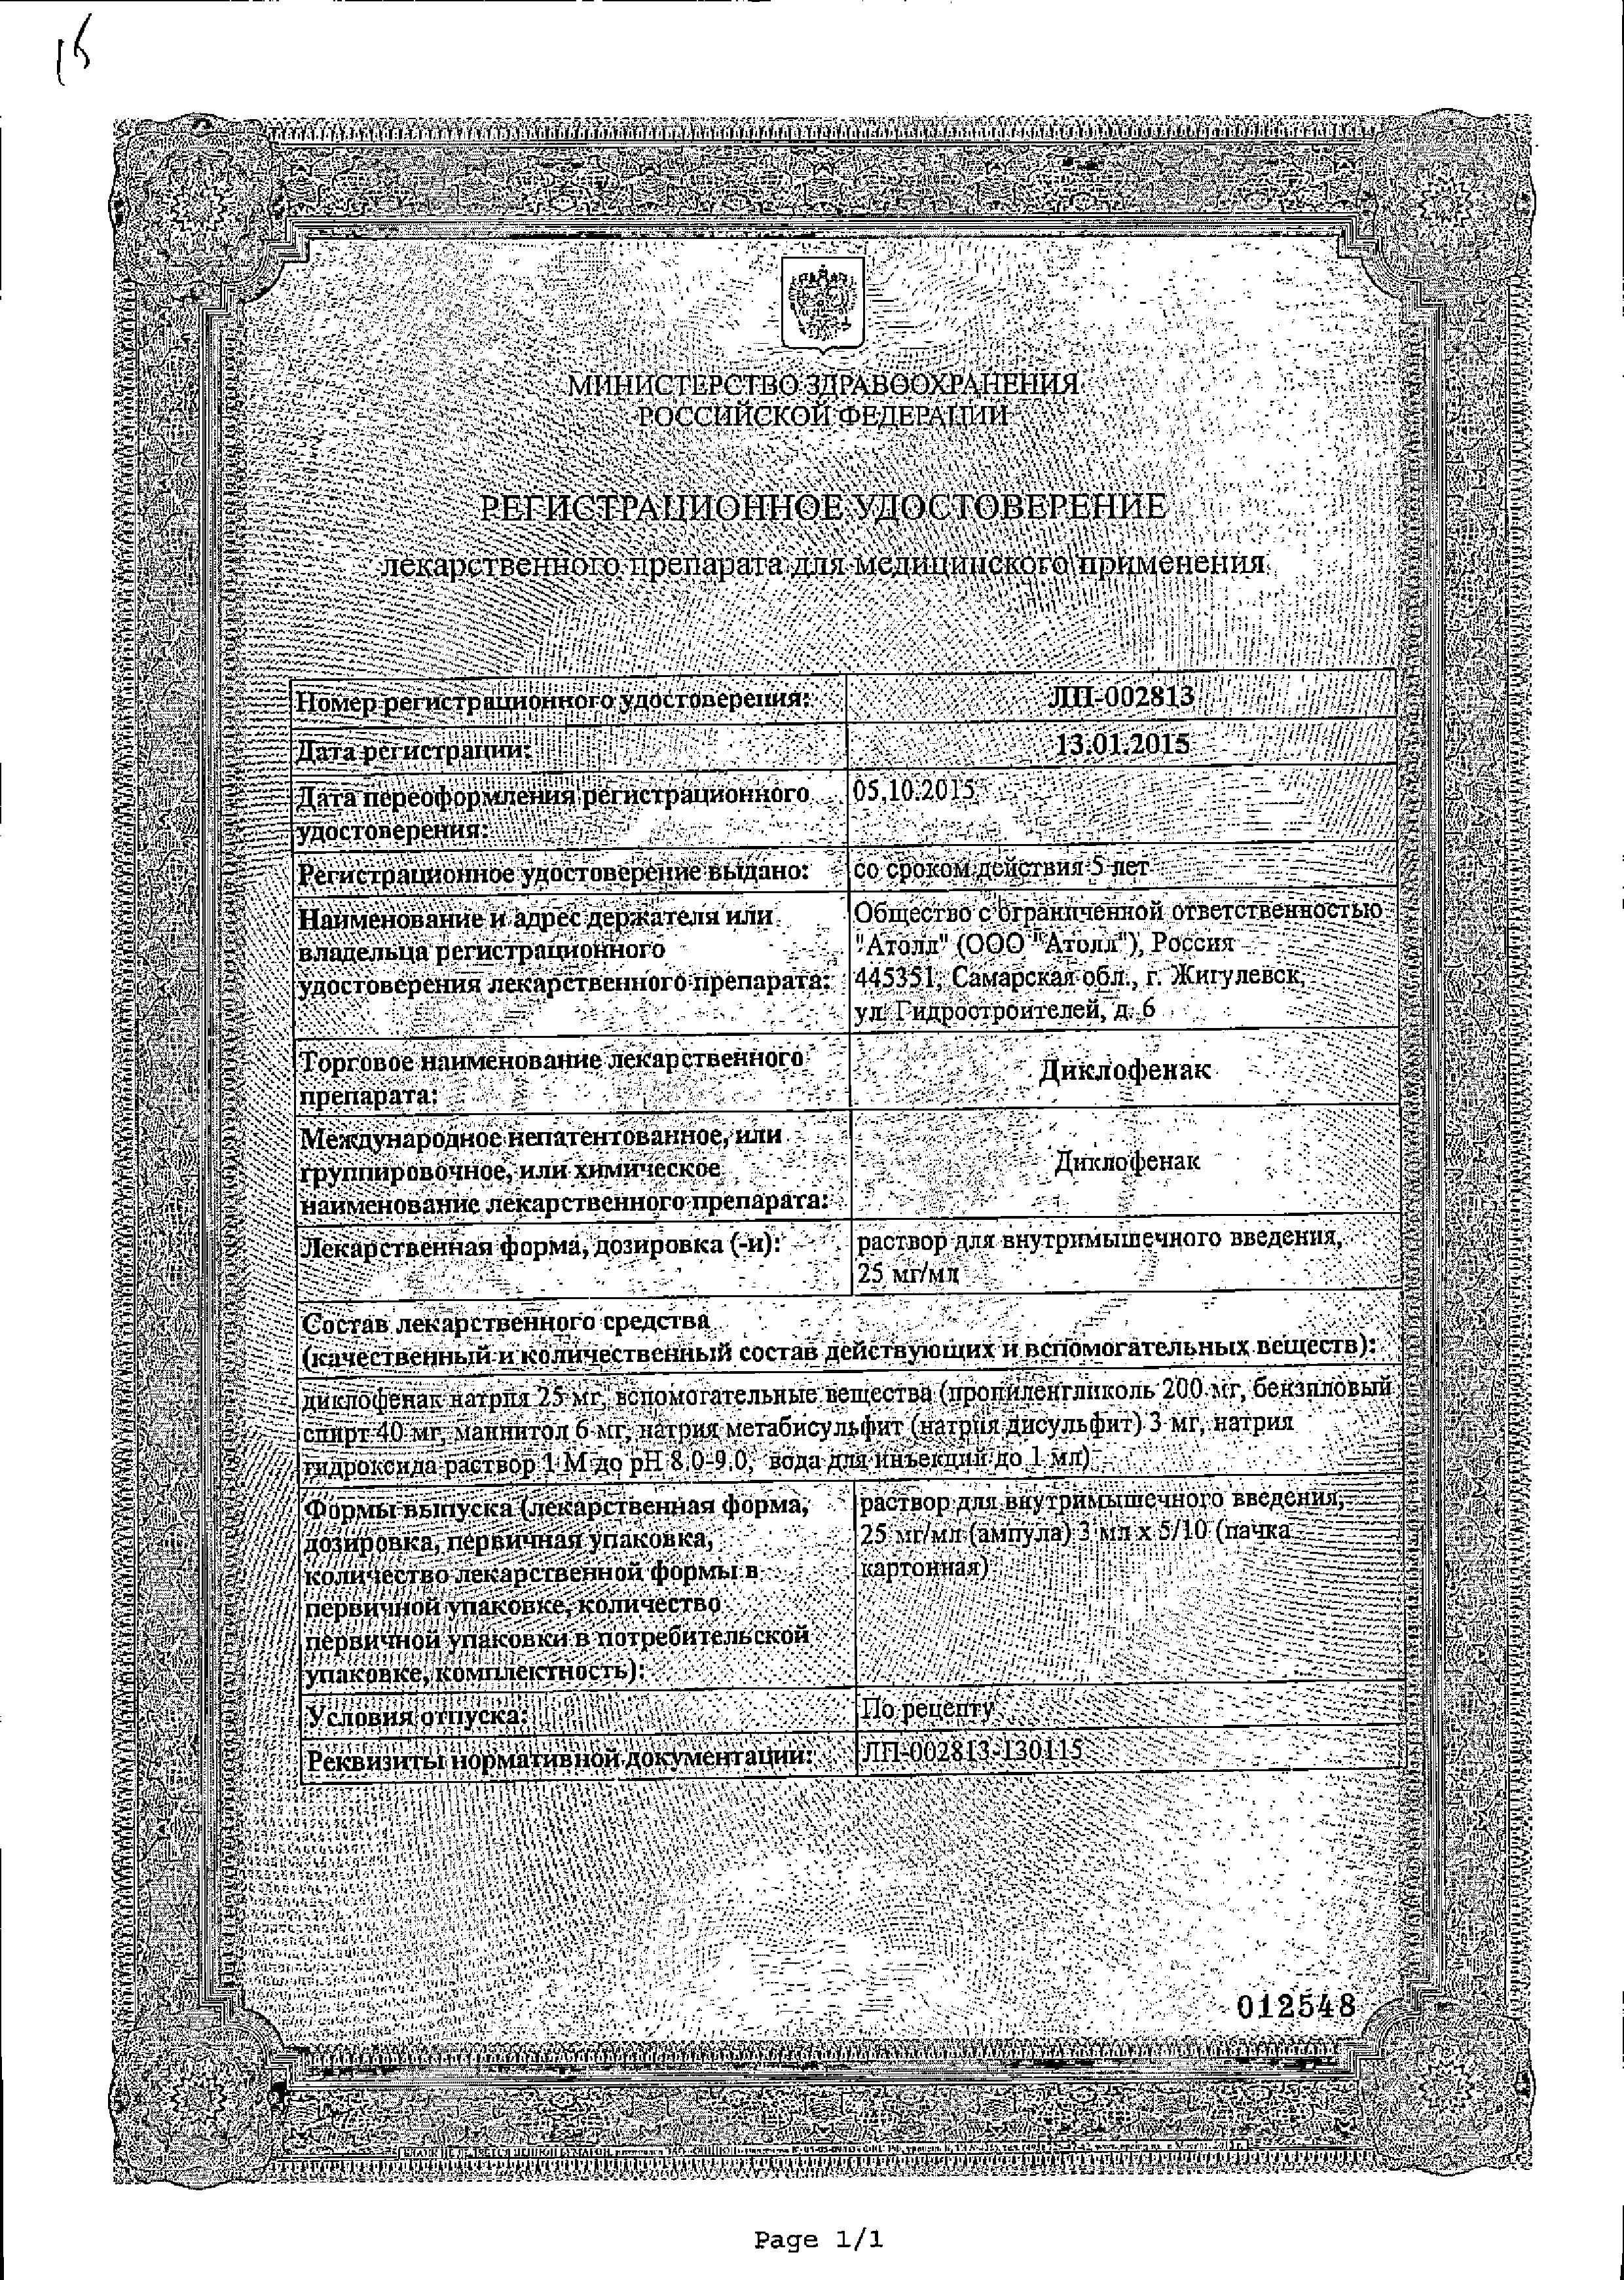 Диклофенак (для инъекций) сертификат